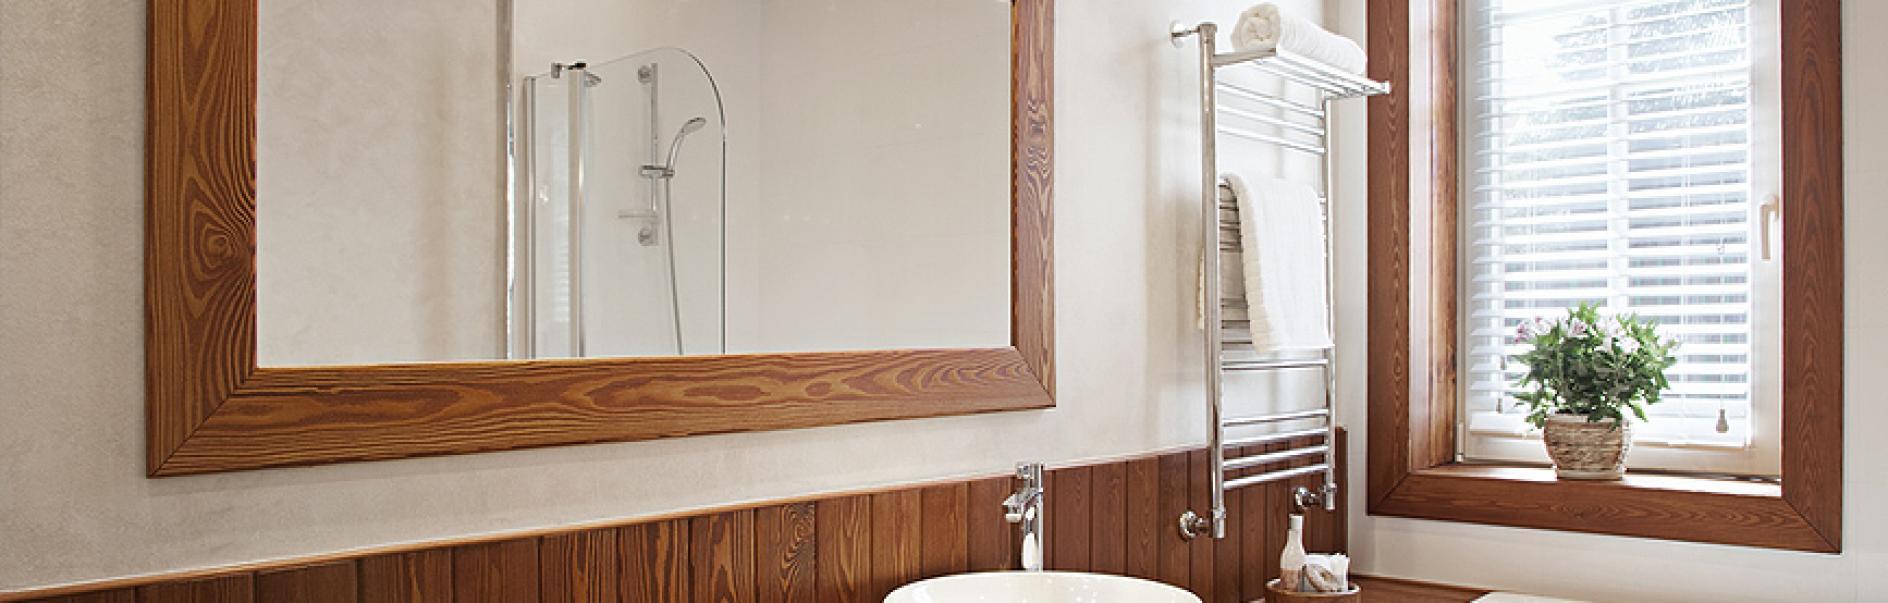 Accrocher Un Tableau Lourd Au Mur accrocher un miroir avec une perceuse